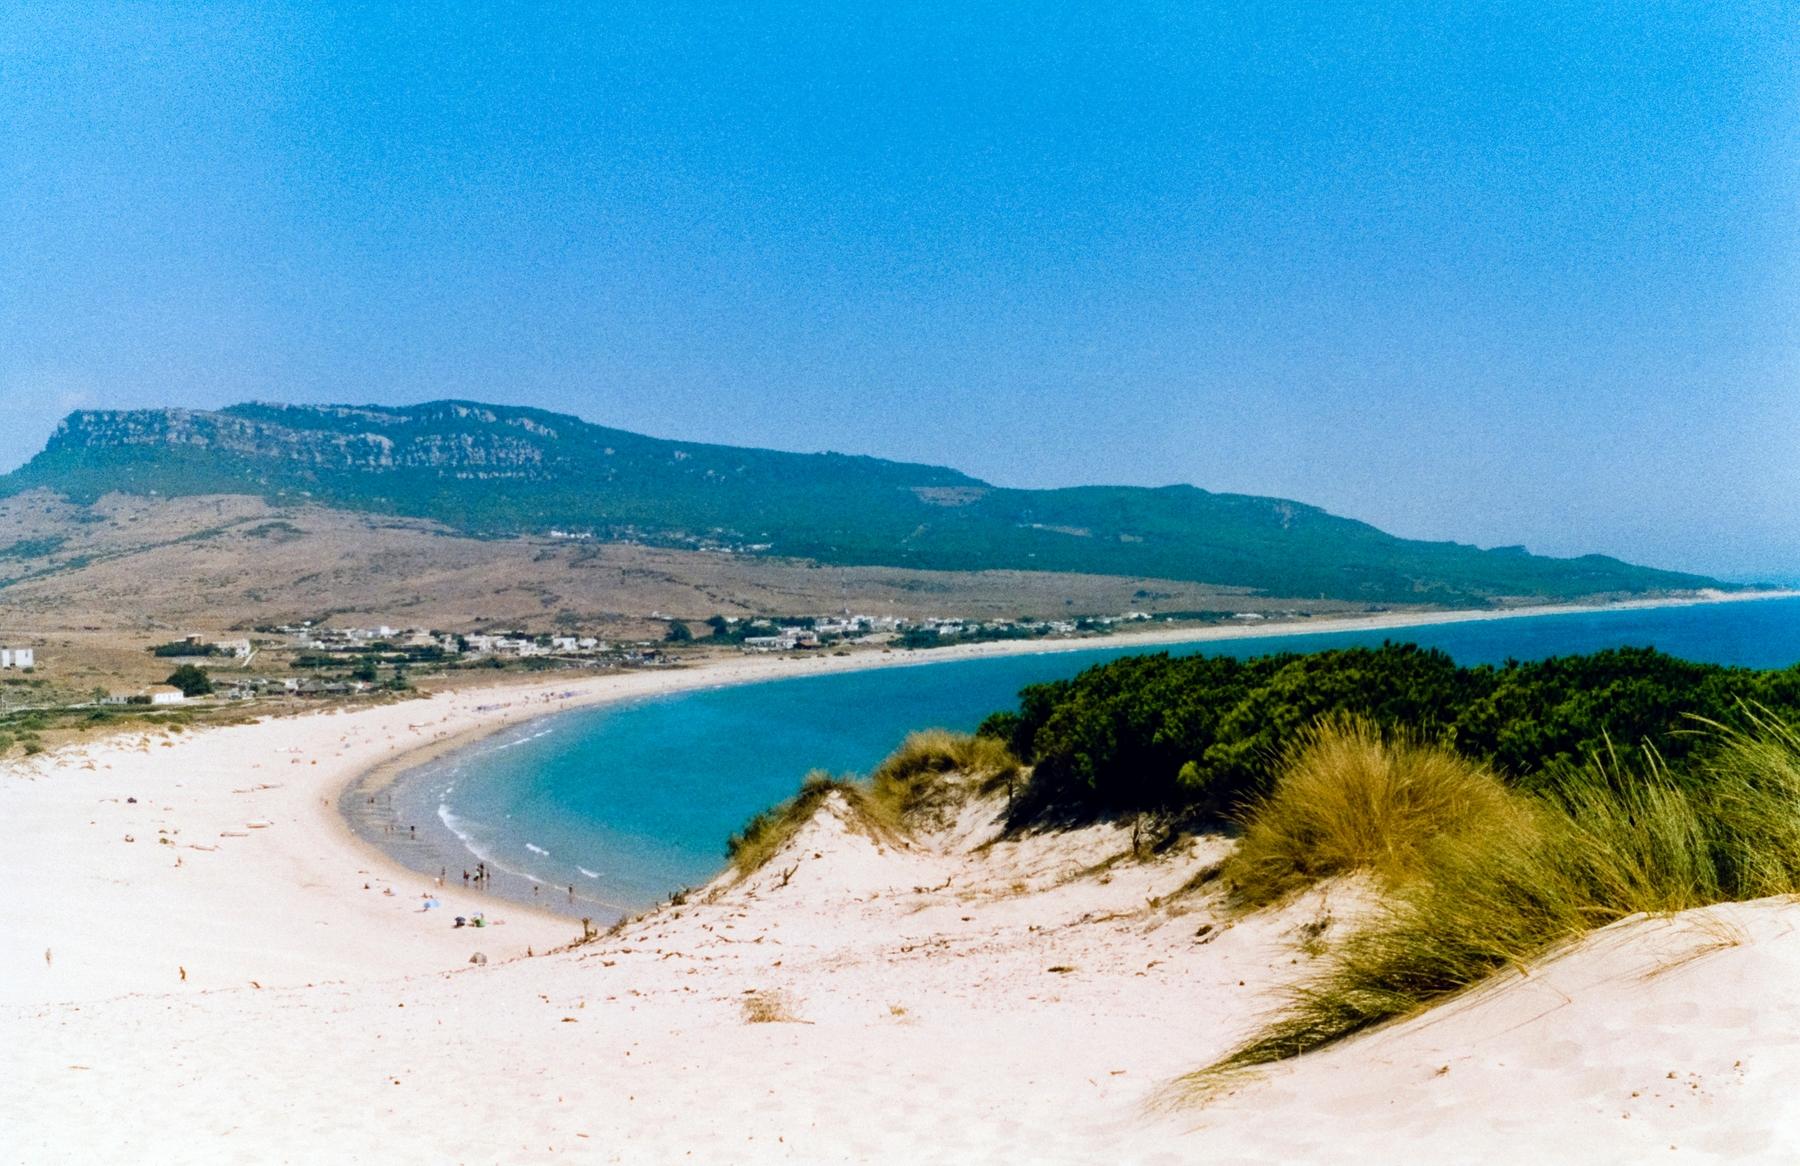 mejores playas de Andalucía, Bolonia, Cádiz